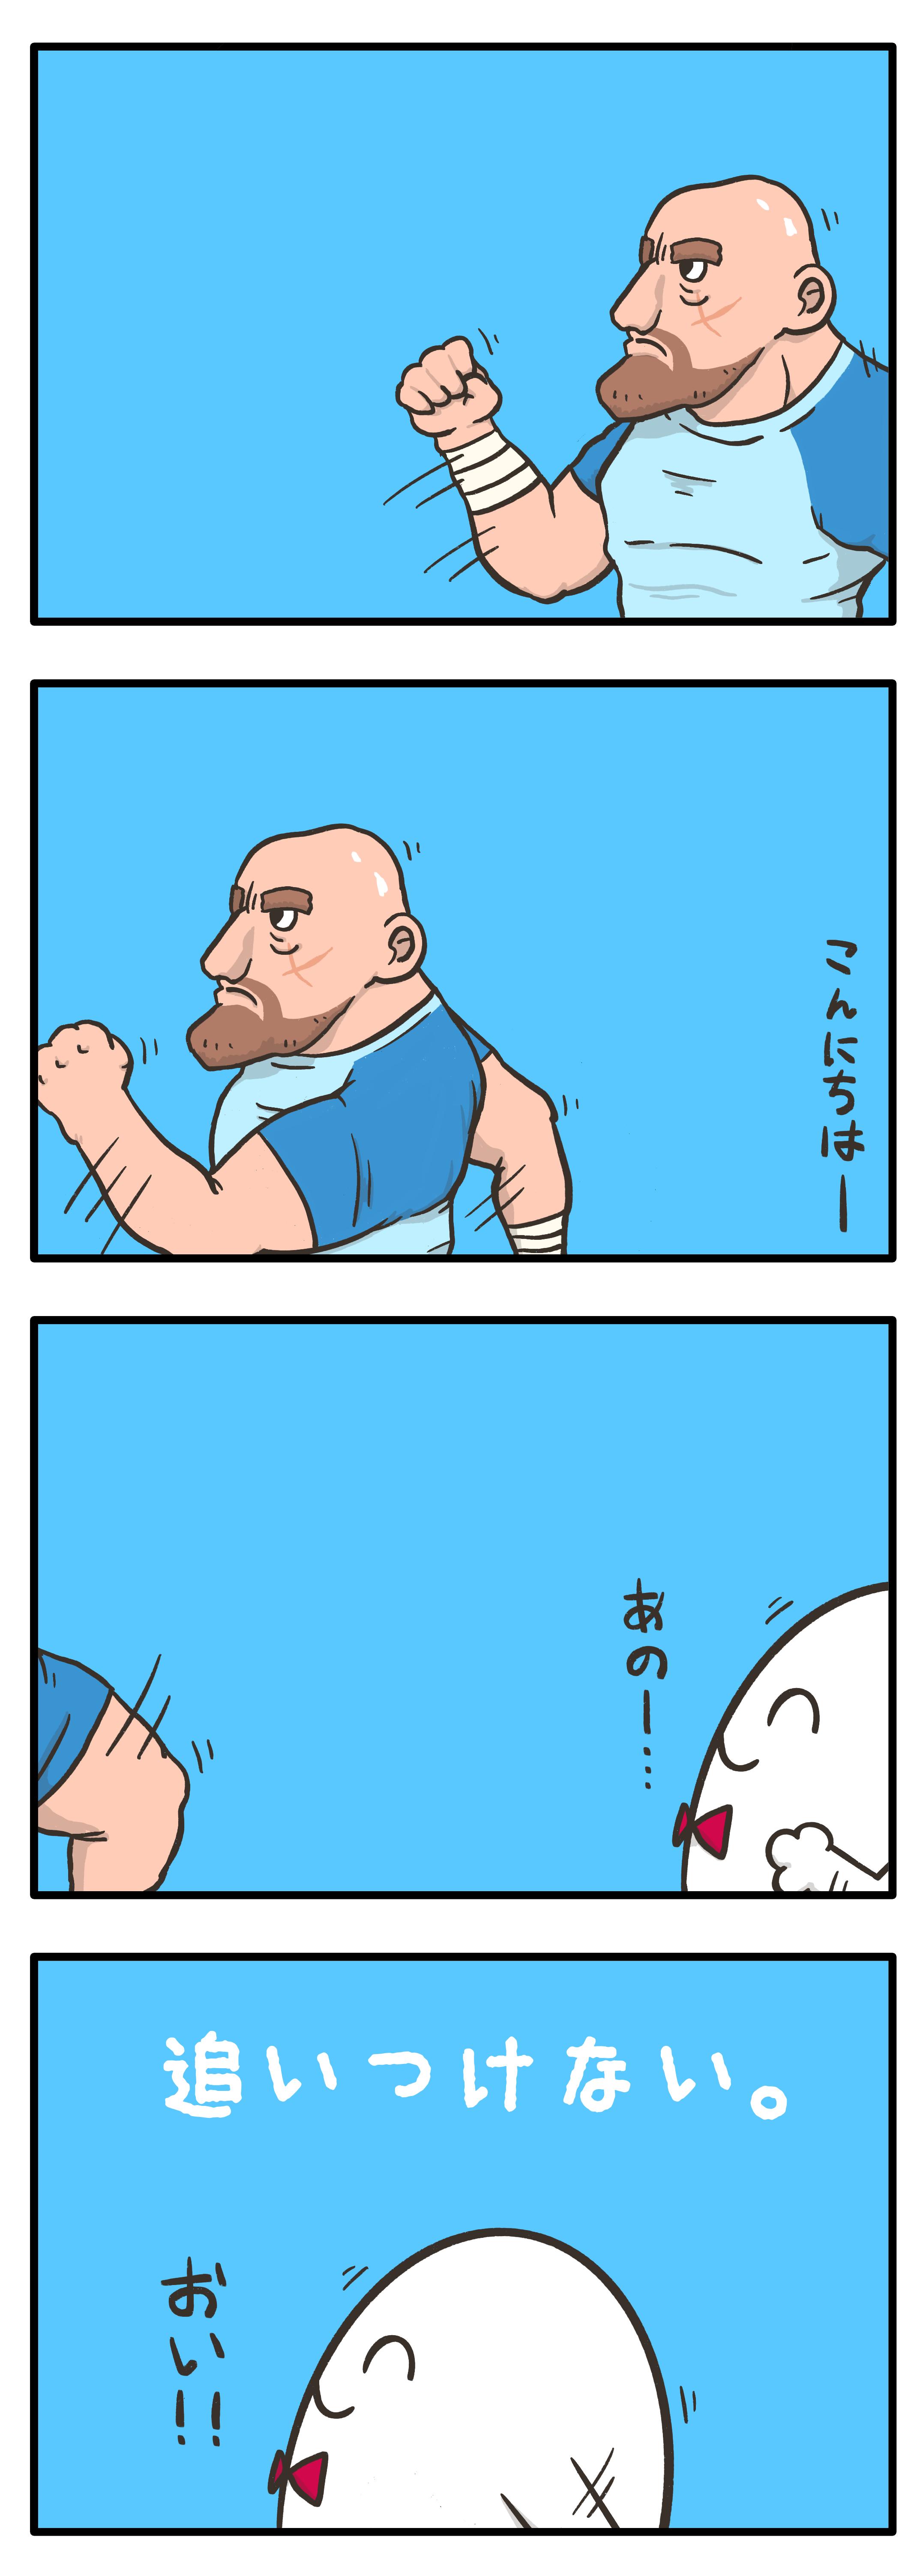 f:id:ichibo-game:20190503174640p:plain